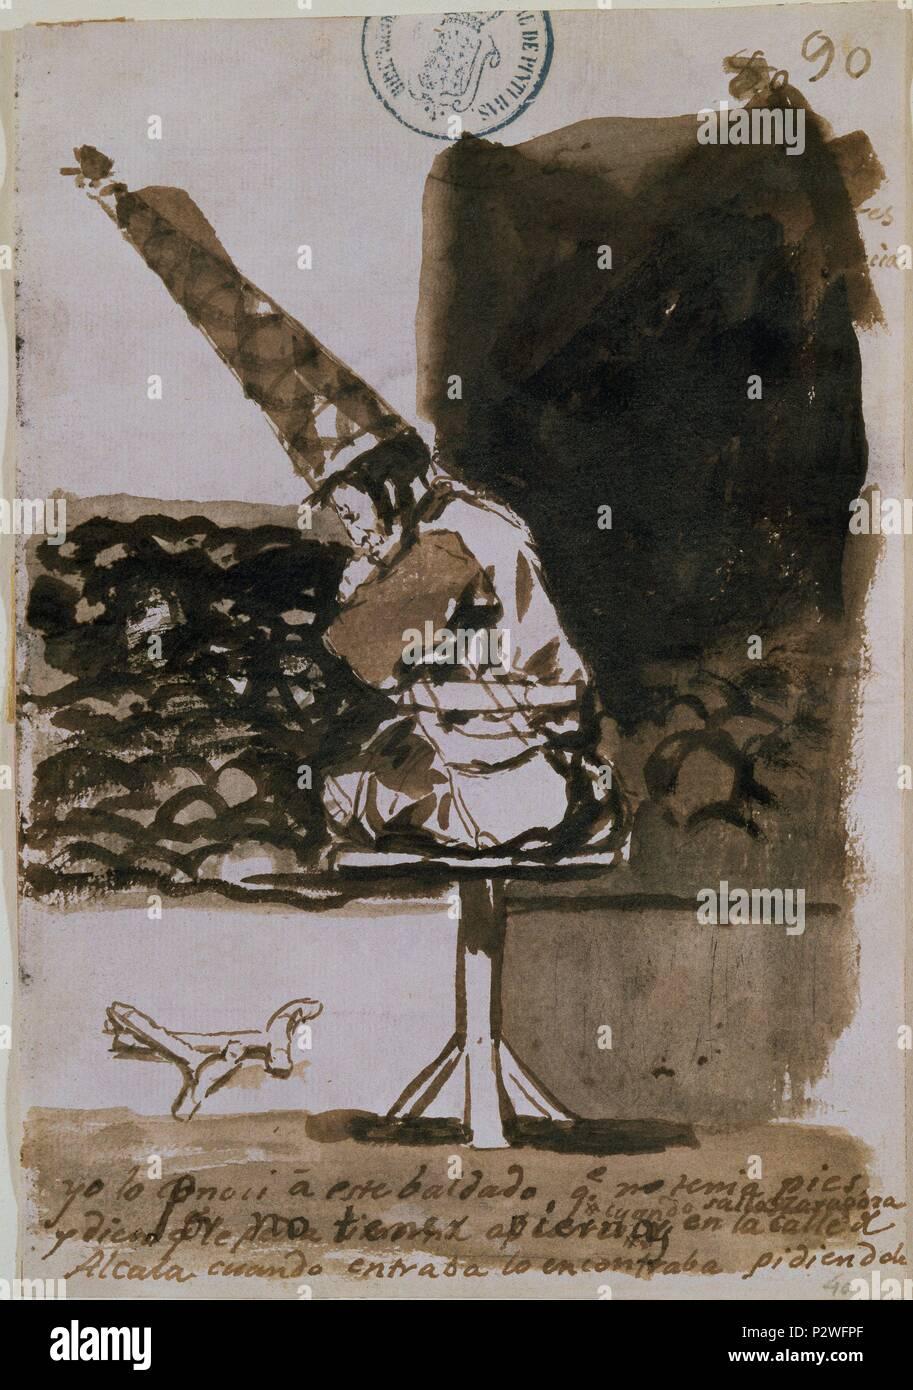 POR NO TENER PIERNAS.YO LO CONOCI - ALBUM C, 90 - HACIA 1810-1814 - PINCEL CON AGUADA SEPIA OSCURA Y GRIS - 205x144 mm. Author: Francisco de Goya (1746-1828). Location: MUSEO DEL PRADO-DIBUJOS, MADRID, SPAIN. - Stock Image